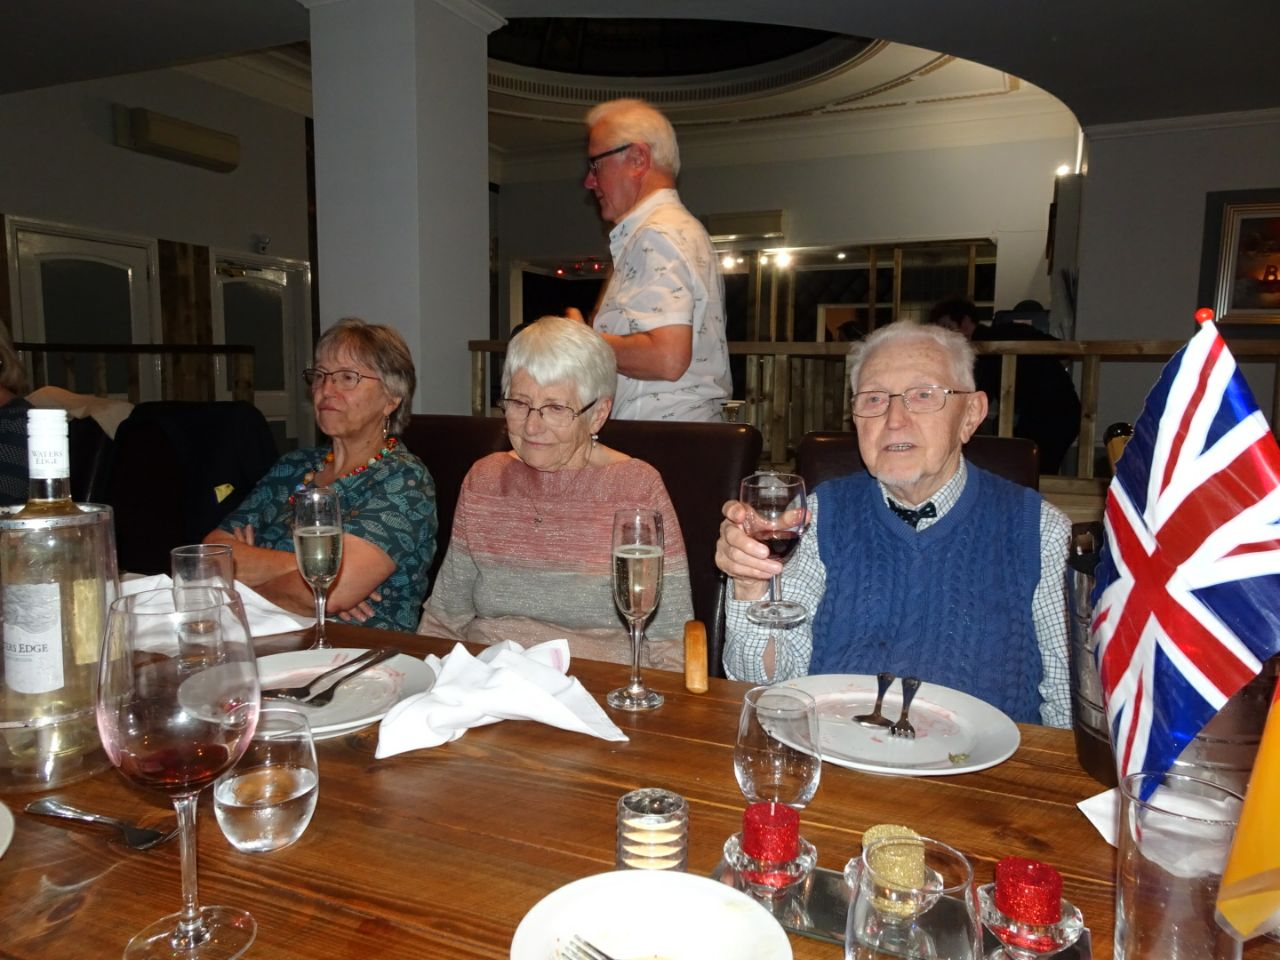 Das Brautpaar – Frau und Herr Attenborough – seit 65 Jahren verheiratet